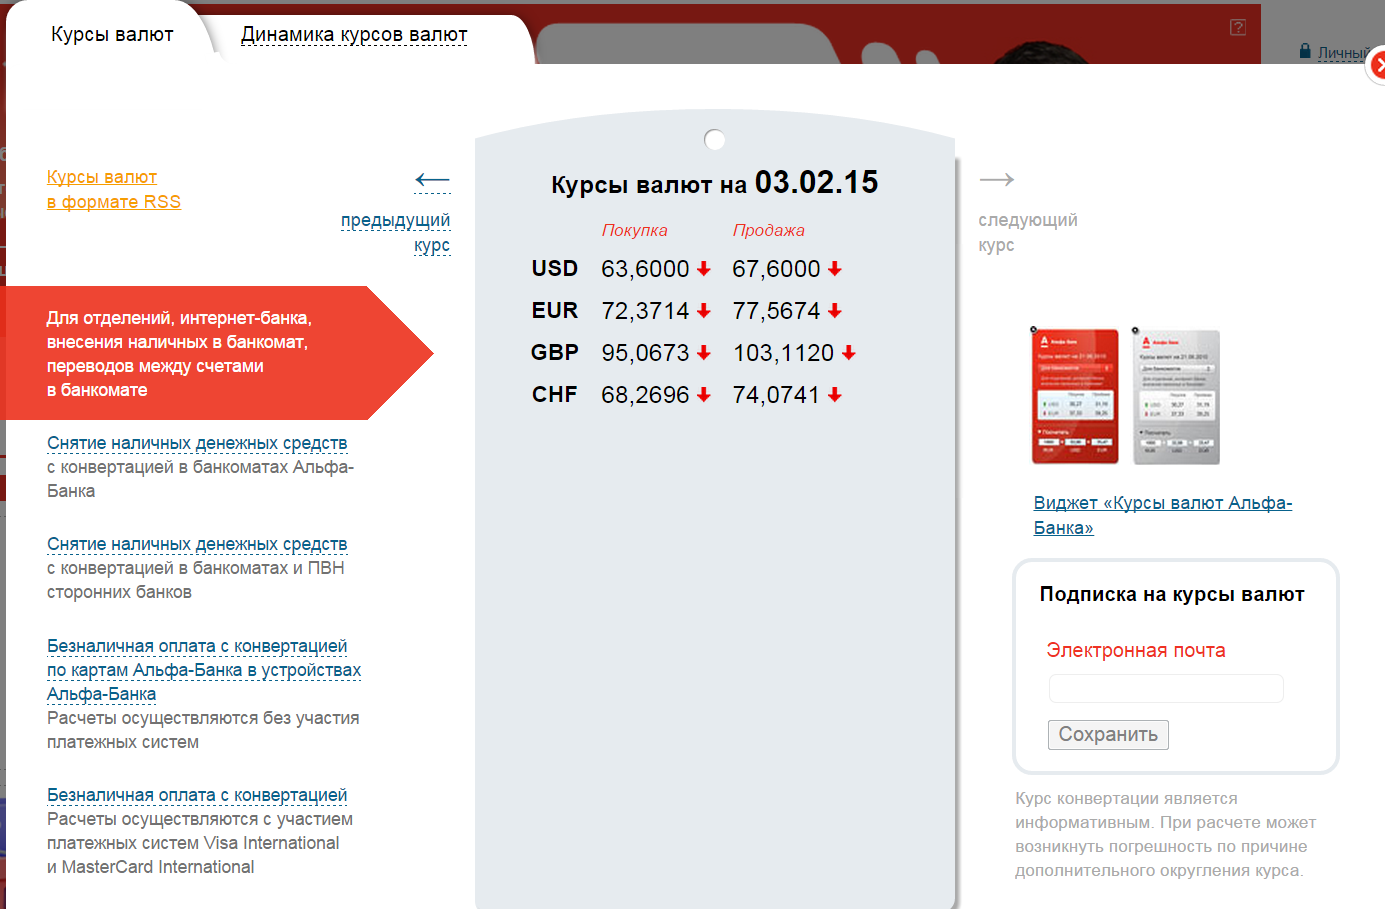 Обмен валют с yandex львов